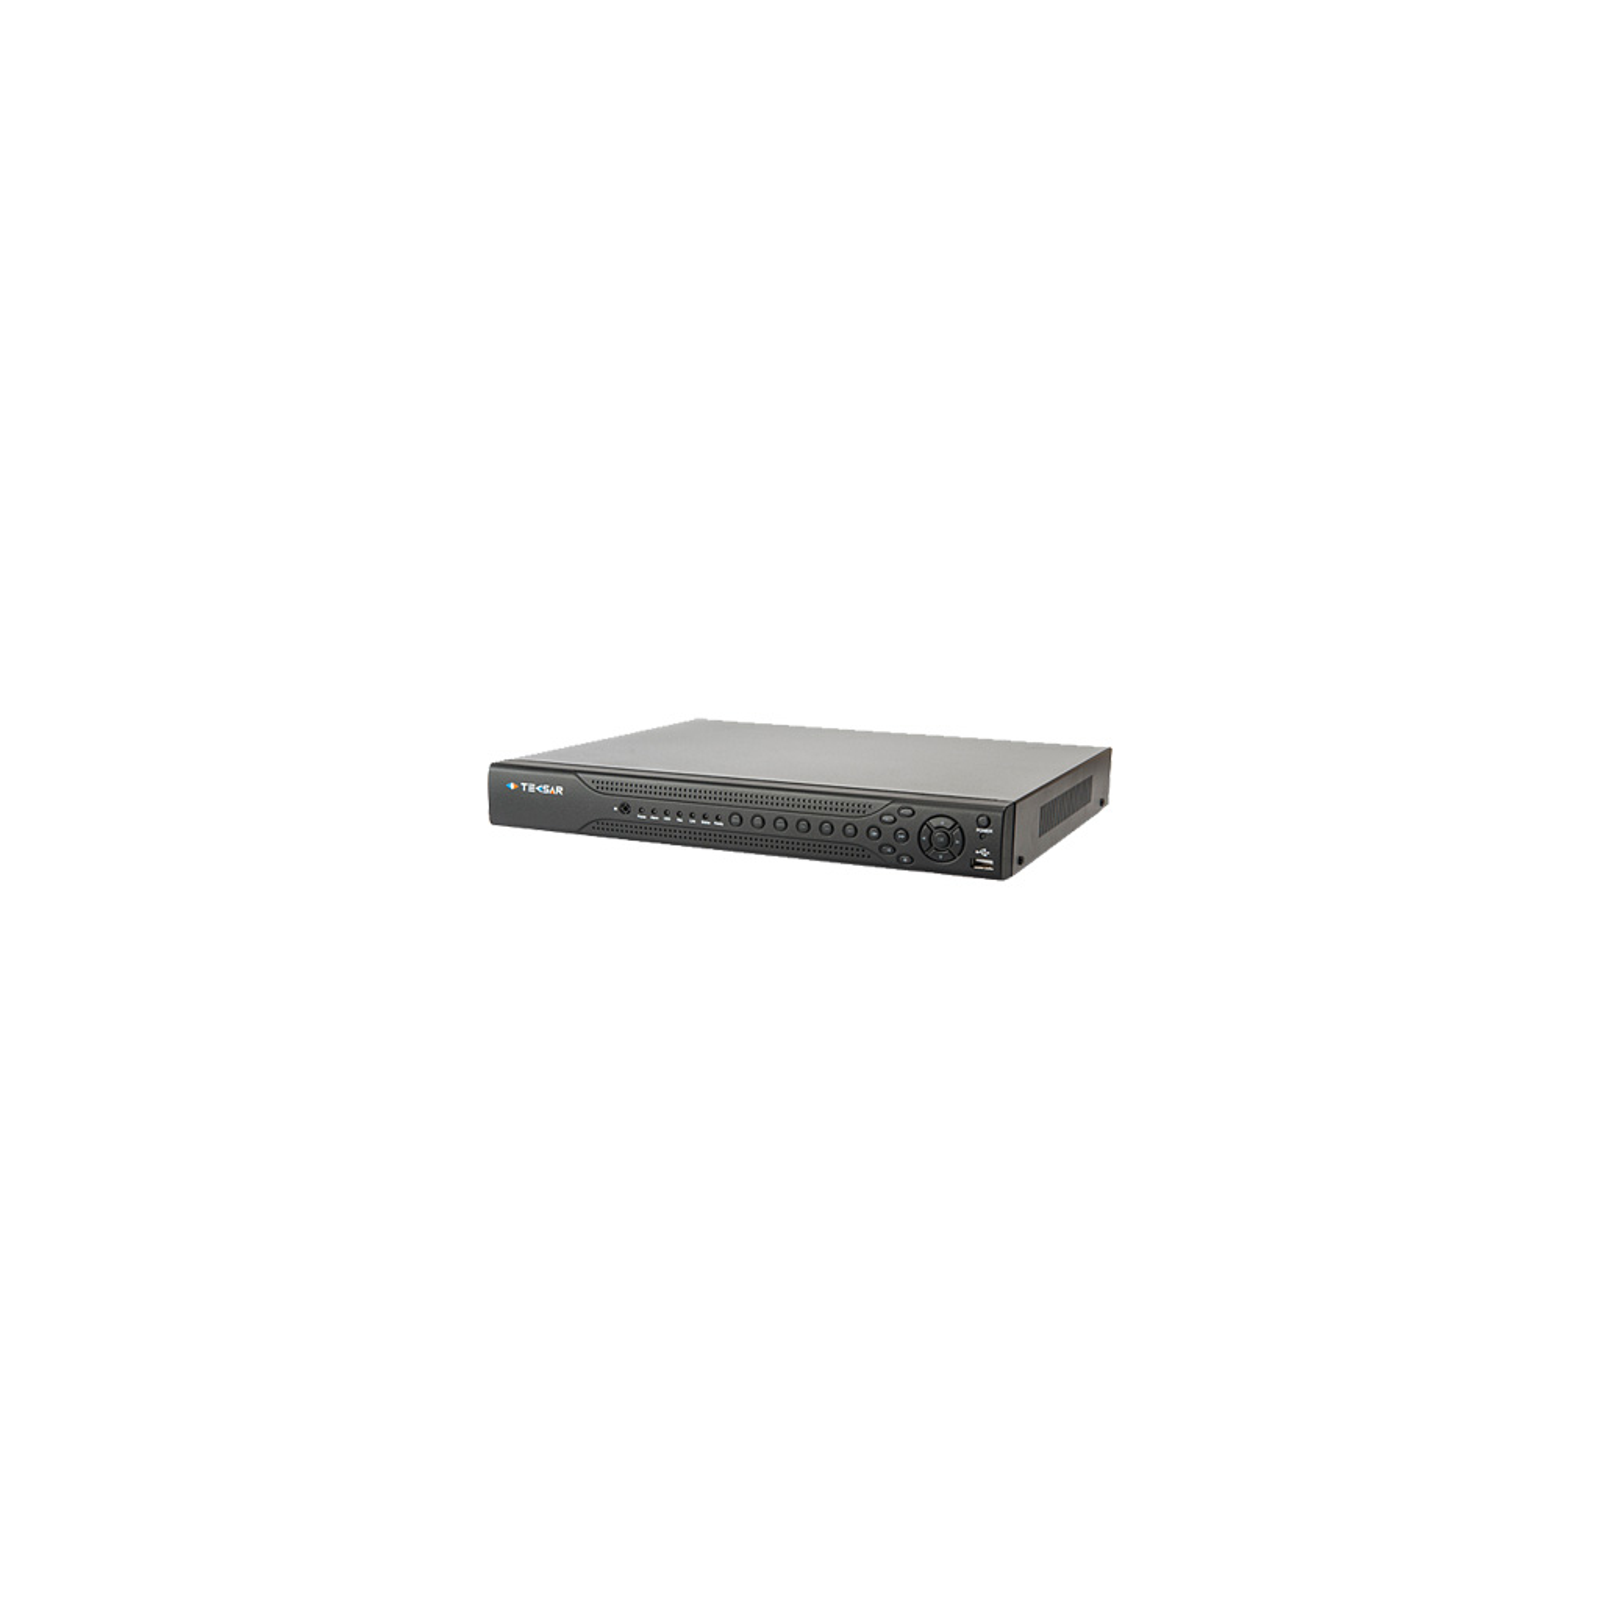 Регистратор для видеонаблюдения Tecsar L88-2D2P-H